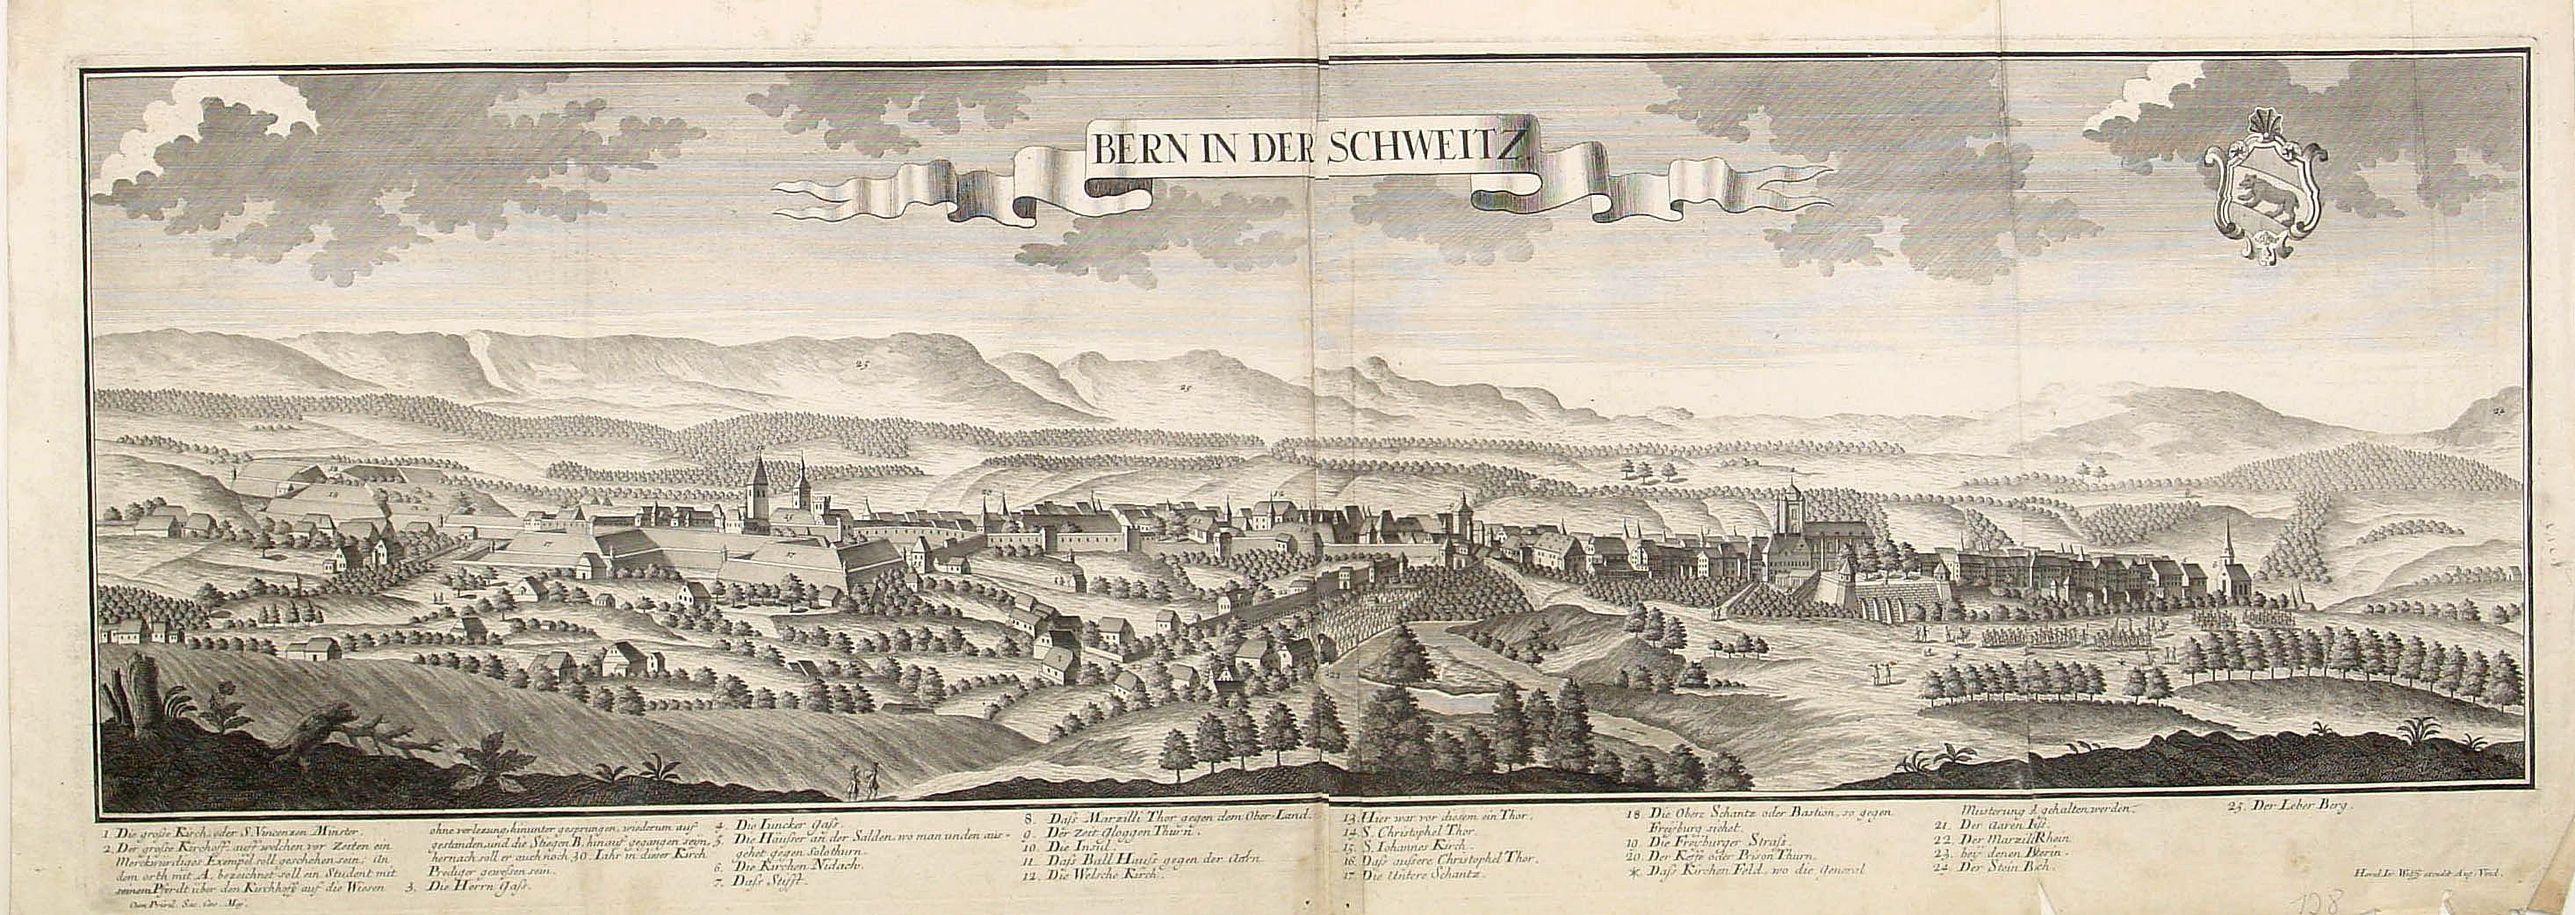 WOLFF, J. Héritiers. -  Bern in der Schweitz.